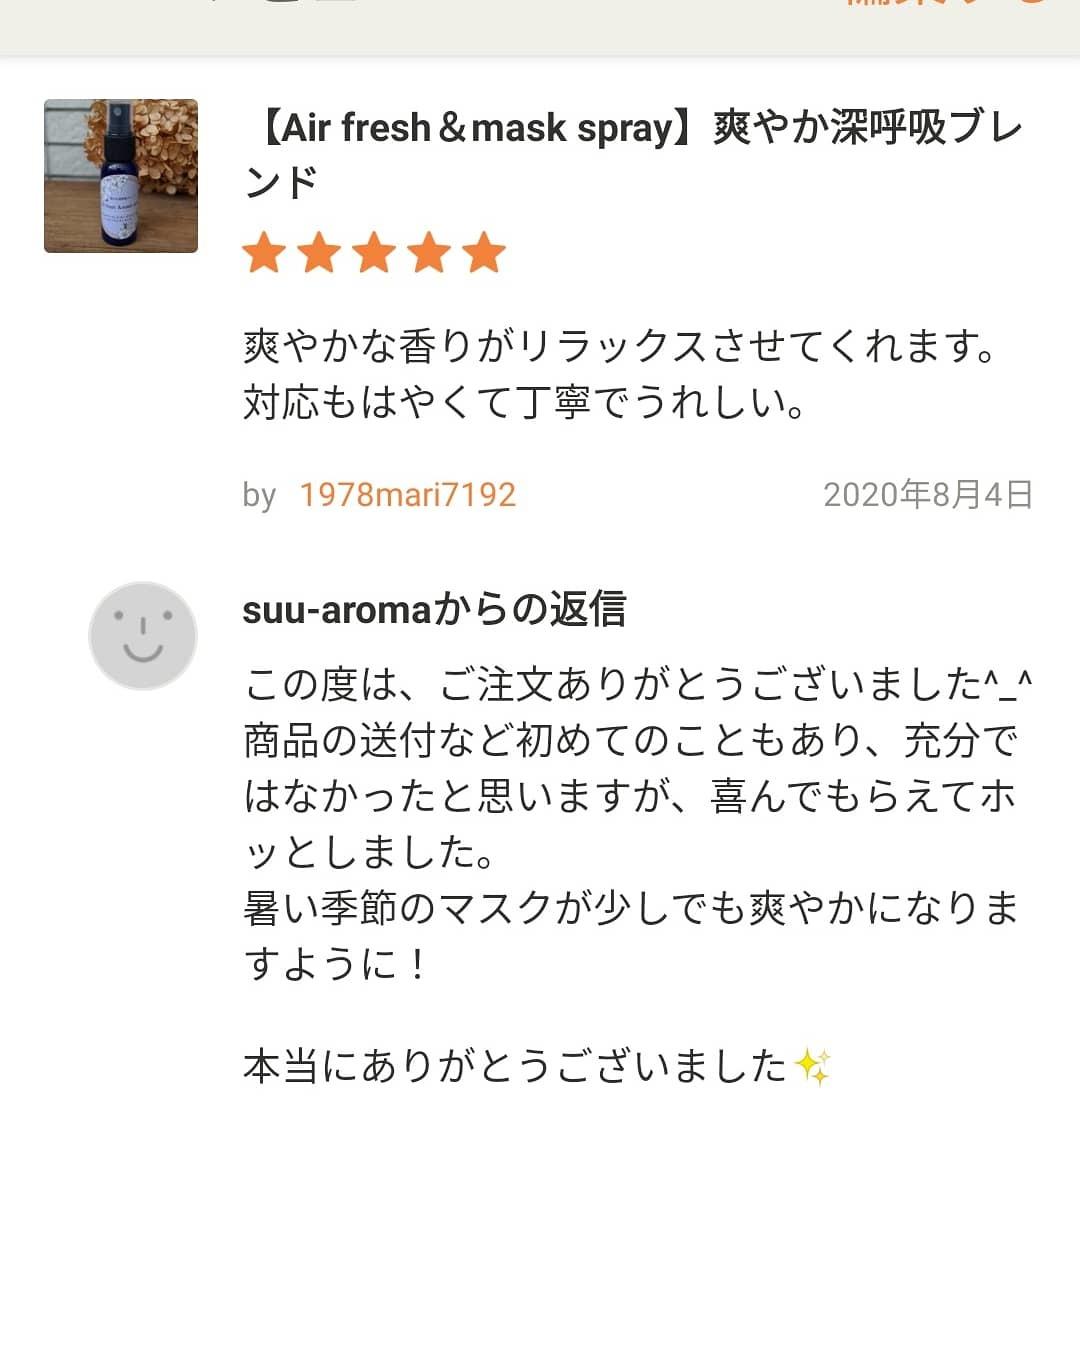 【オンラインストア】マスクスプレー発売のお知らせ_d0361299_21340791.jpg